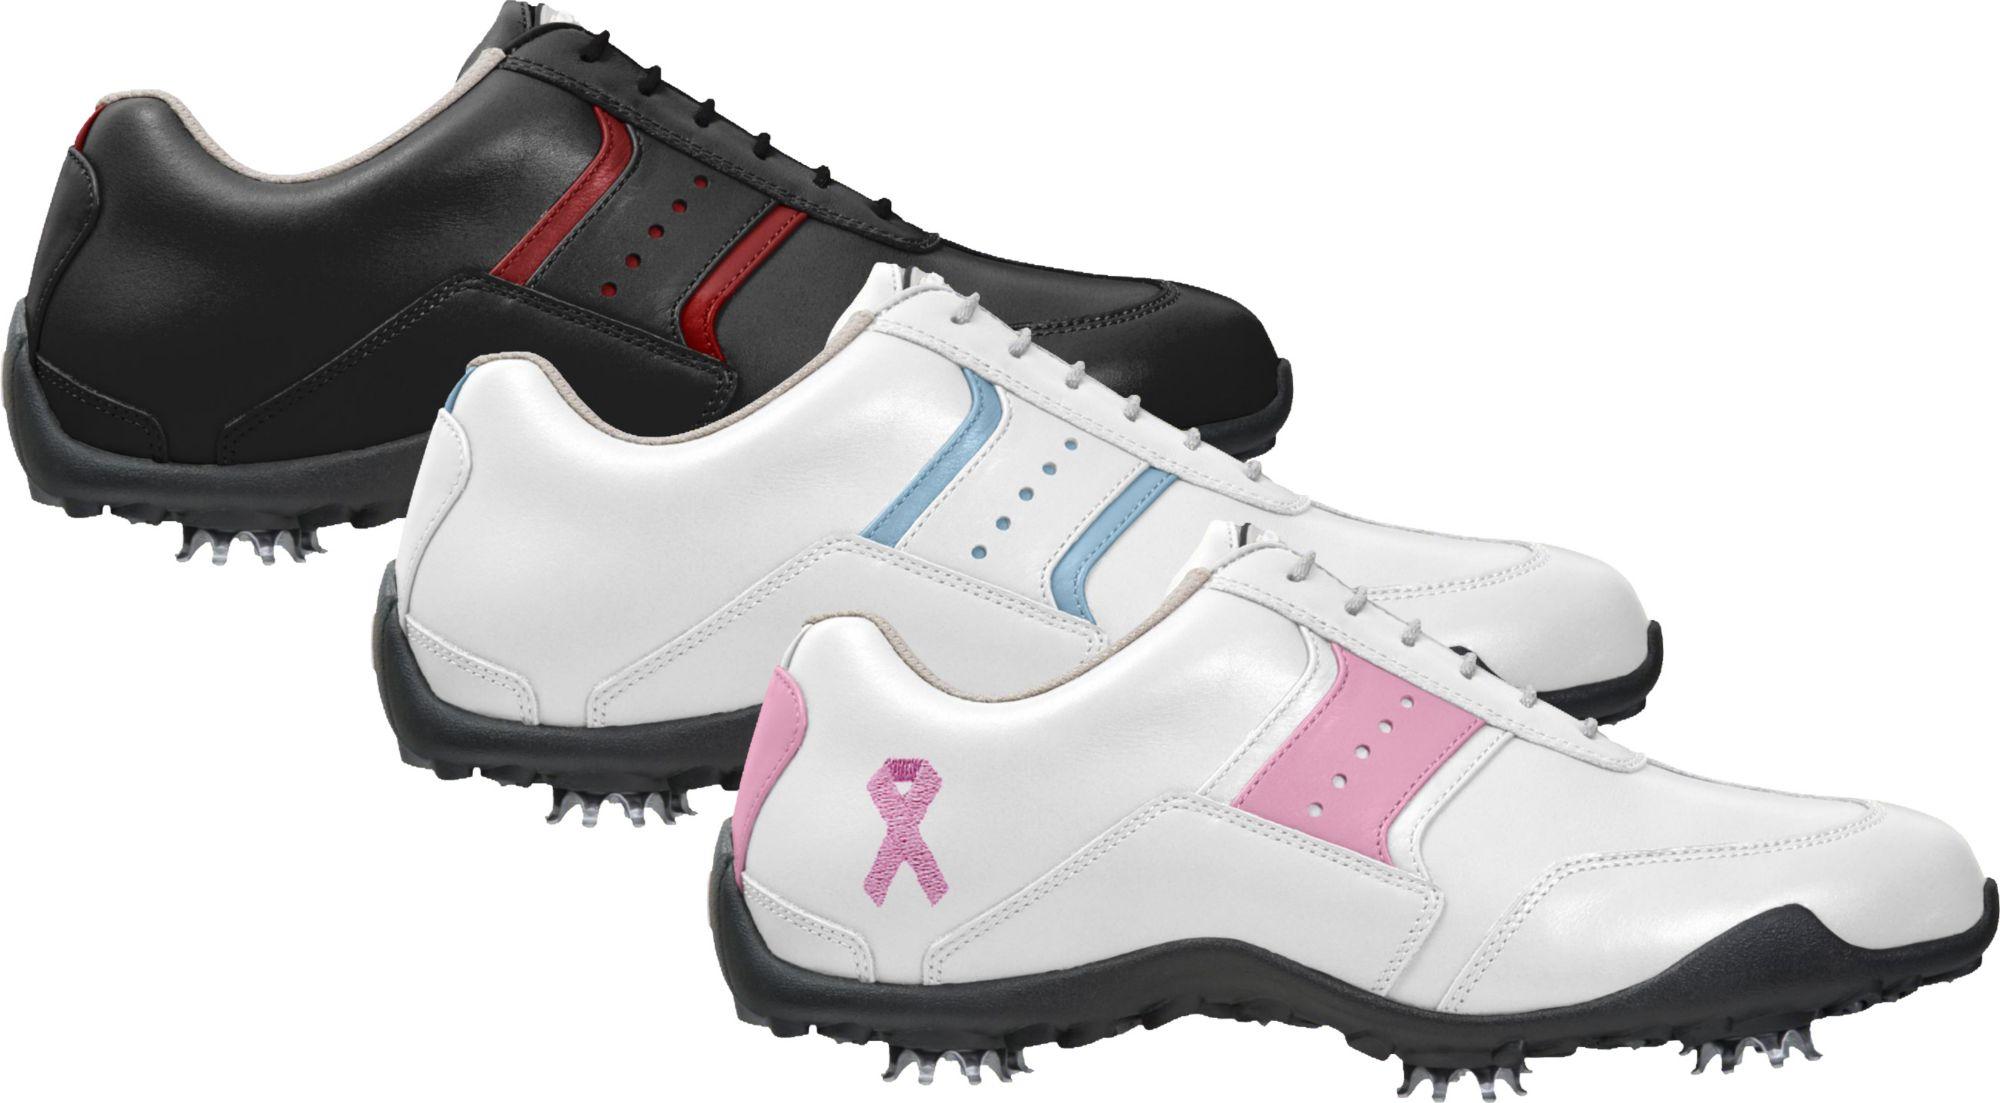 footjoy golf shoesfootjoy sport golf shoes 53238 etienne